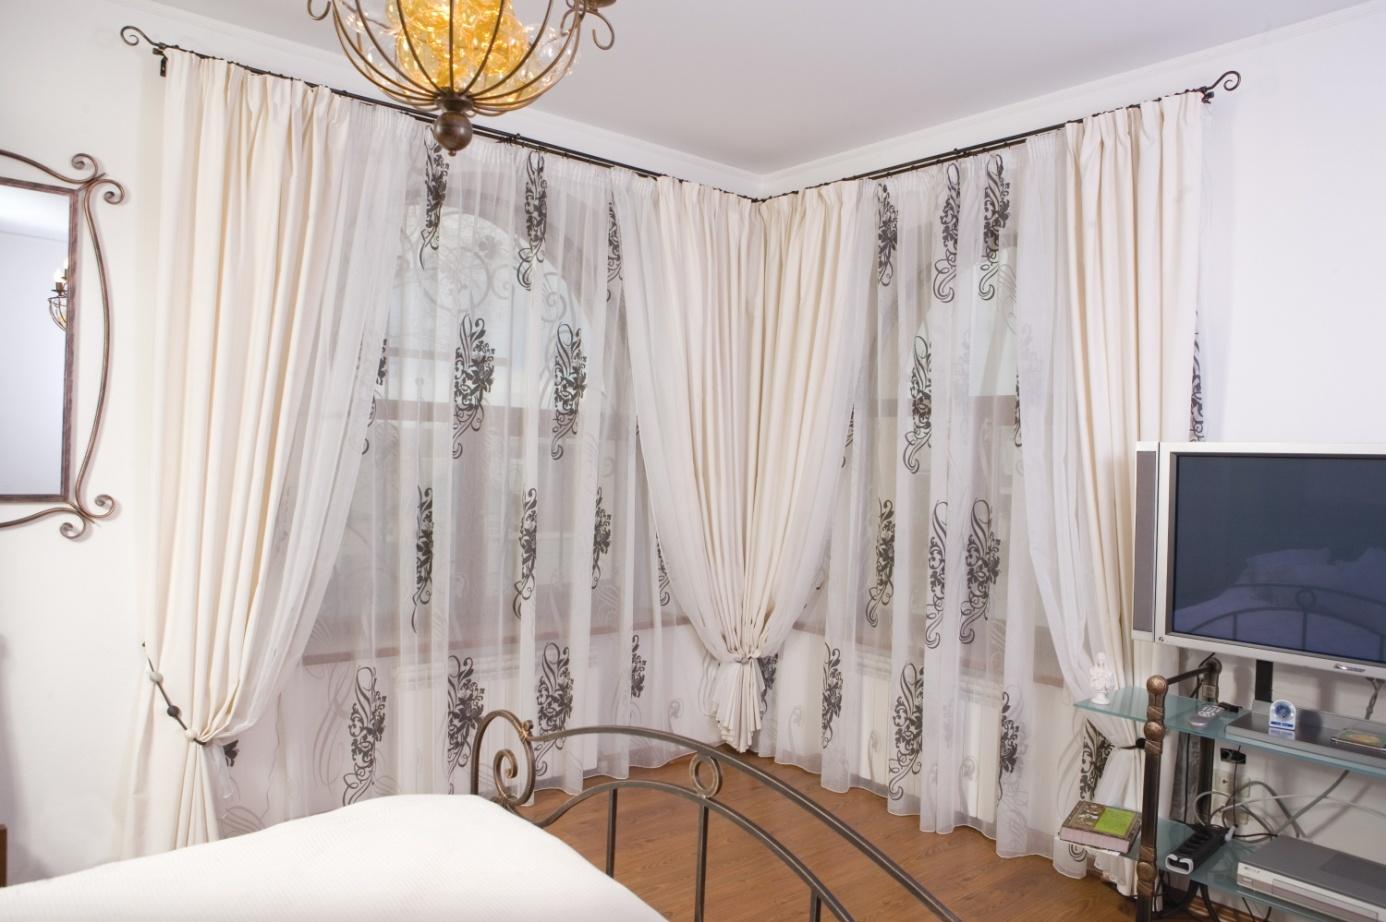 красивый карниз для штор в гостиную фото огда весь город